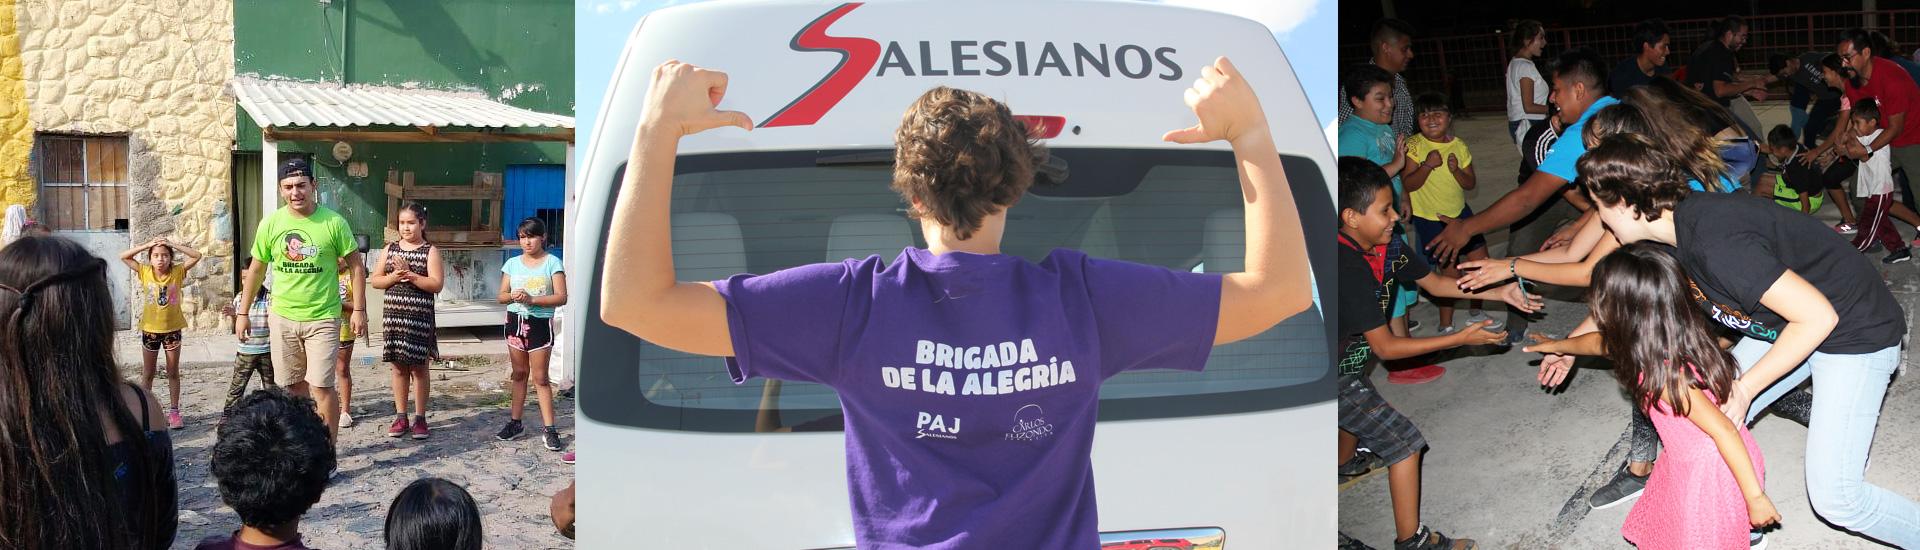 La Brigada de la Alegría lleva el ocio a las calles de Ciudad Juárez